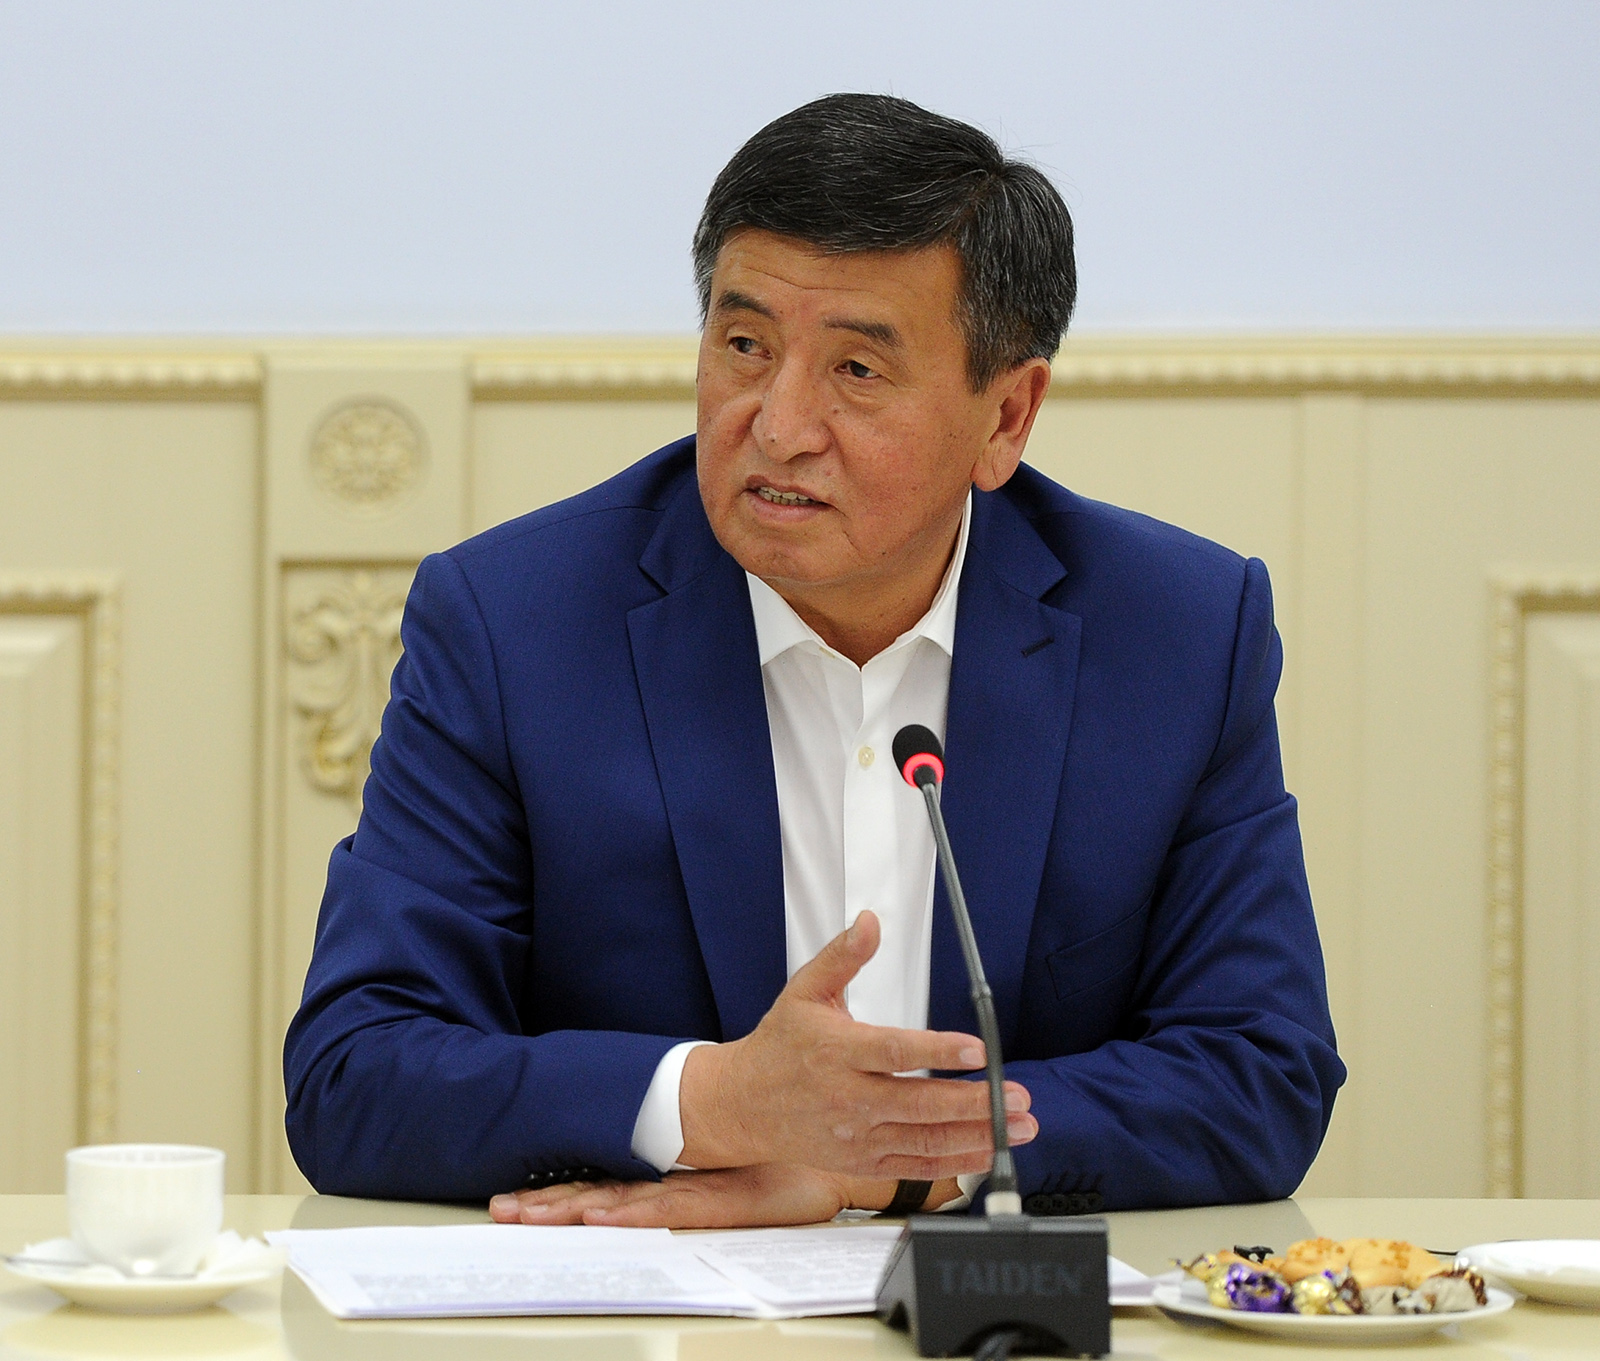 ВКыргызстане руководство воглаве сЖээнбековым ушло вотставку